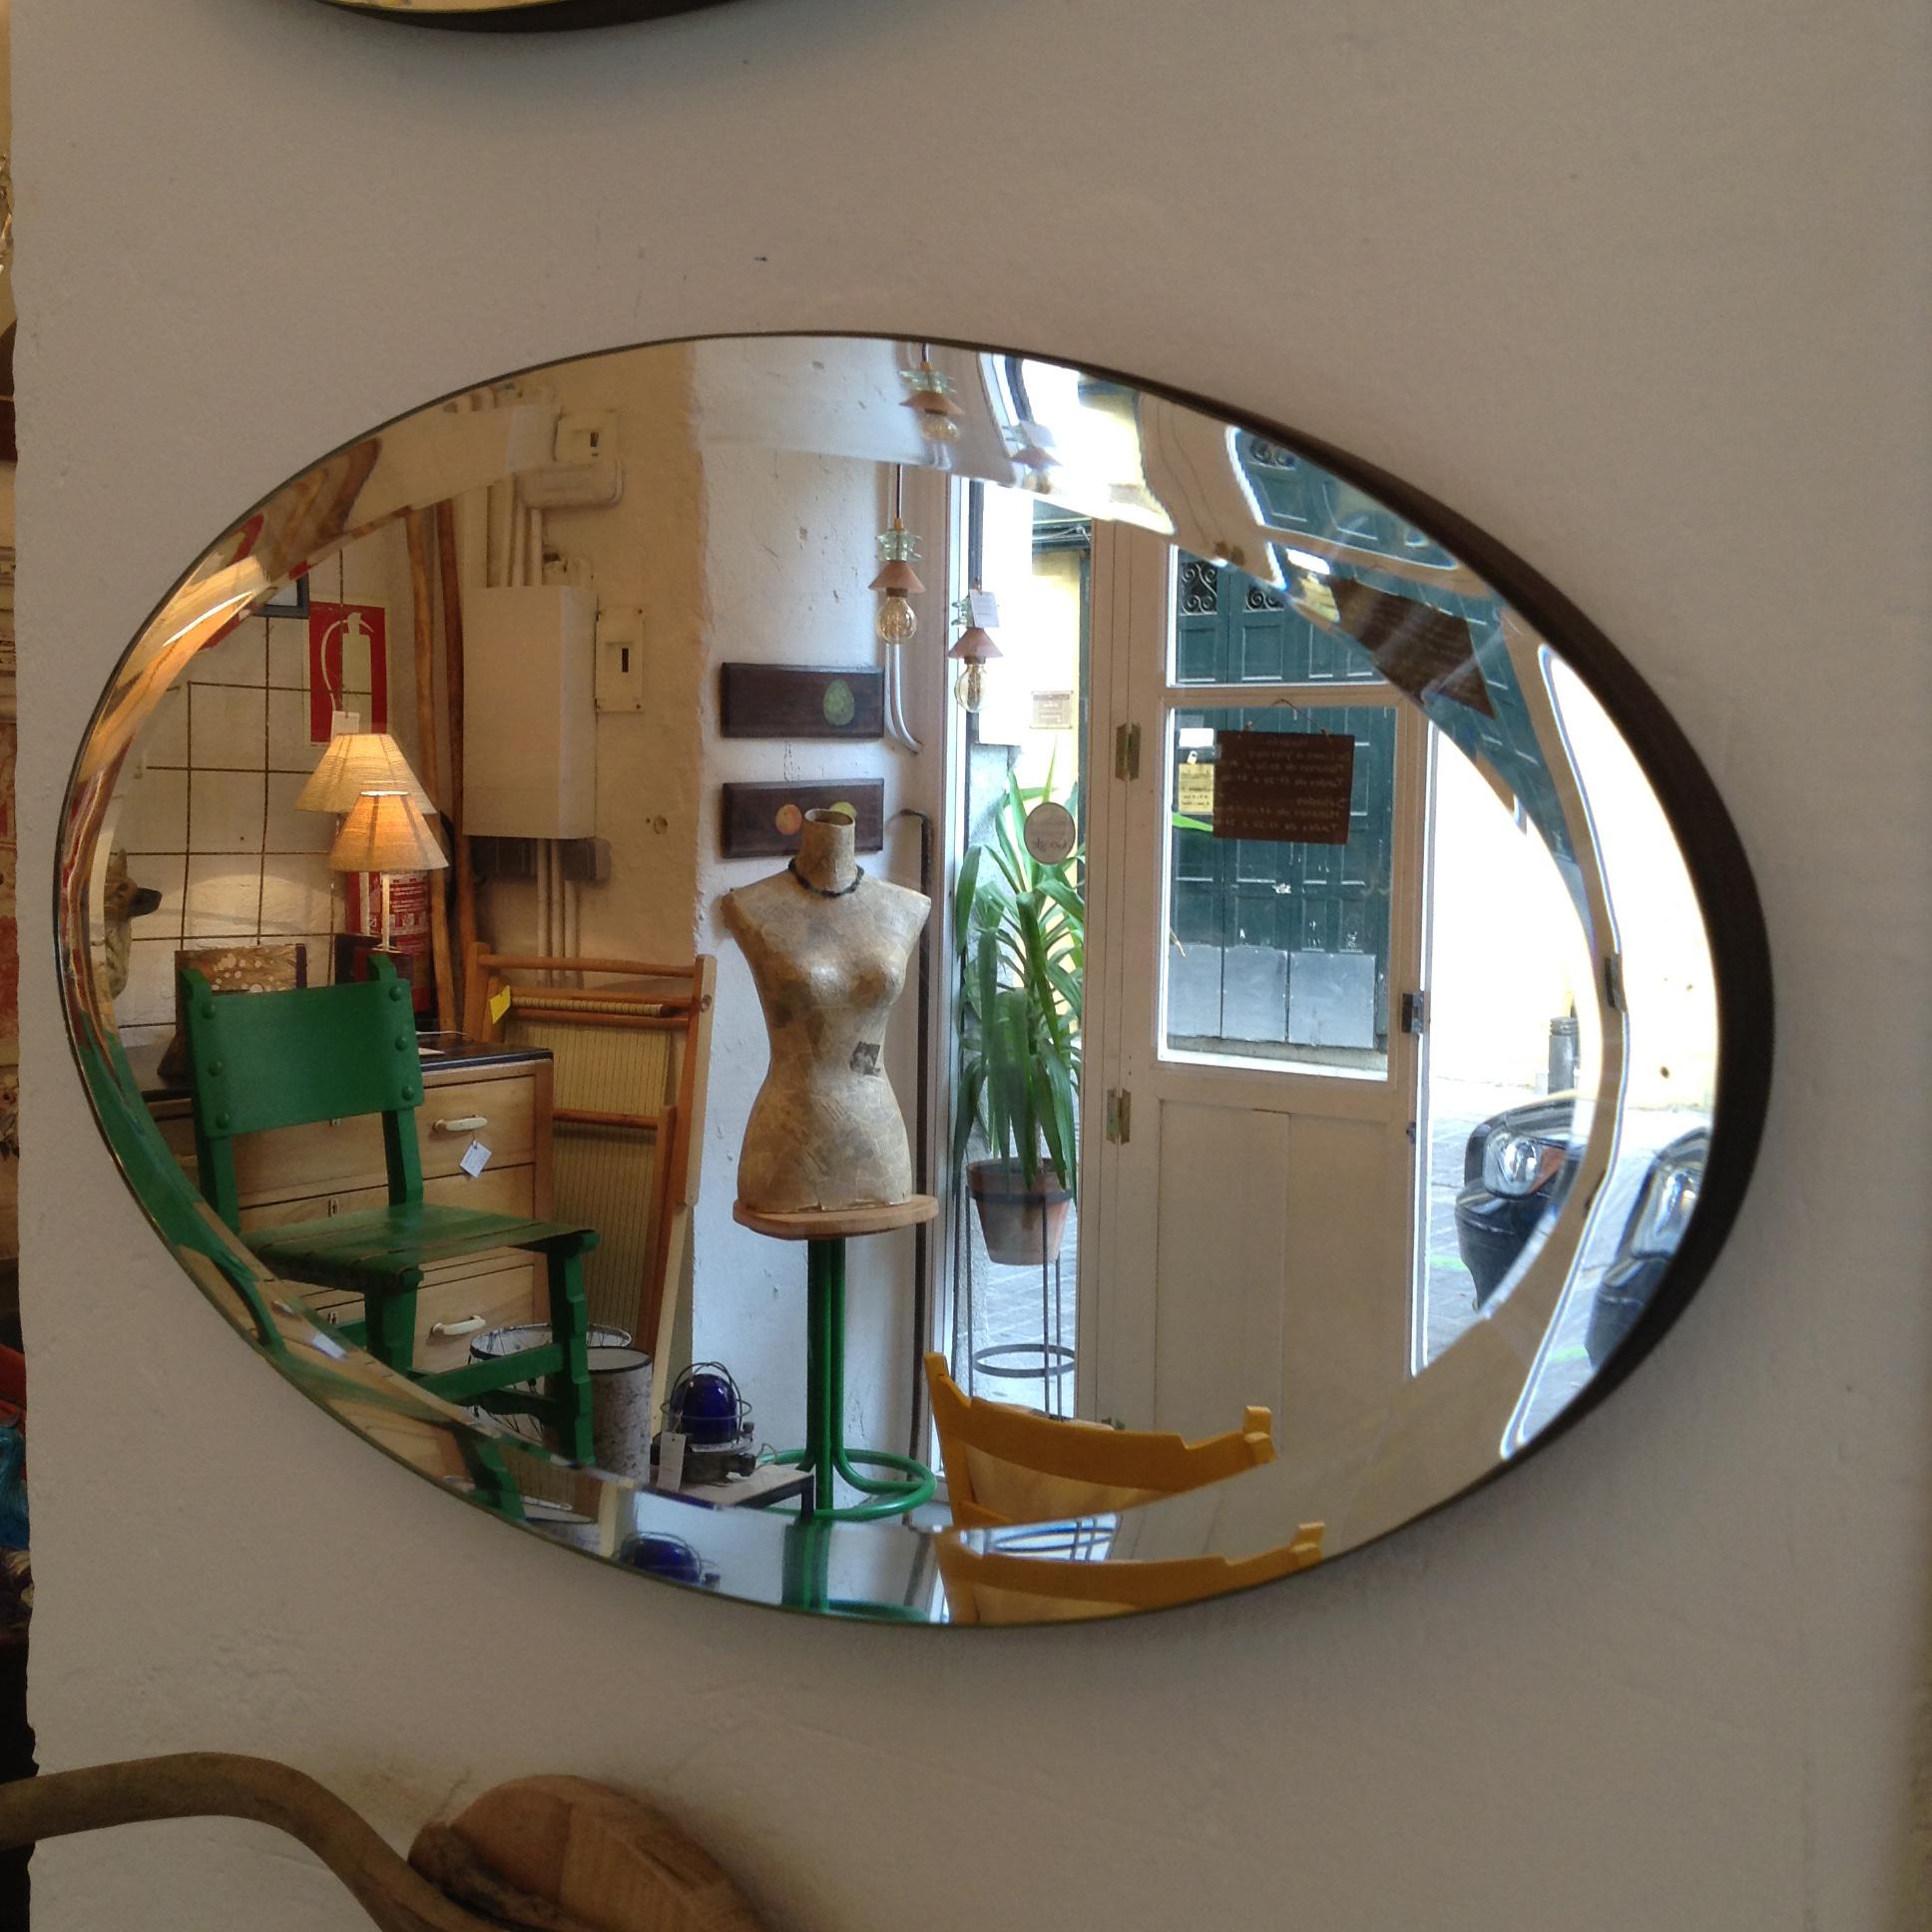 Espejo ovalado biselado decoracion diseño elegante a medida apaisado por encargo Madrid Toledo Interiorismo